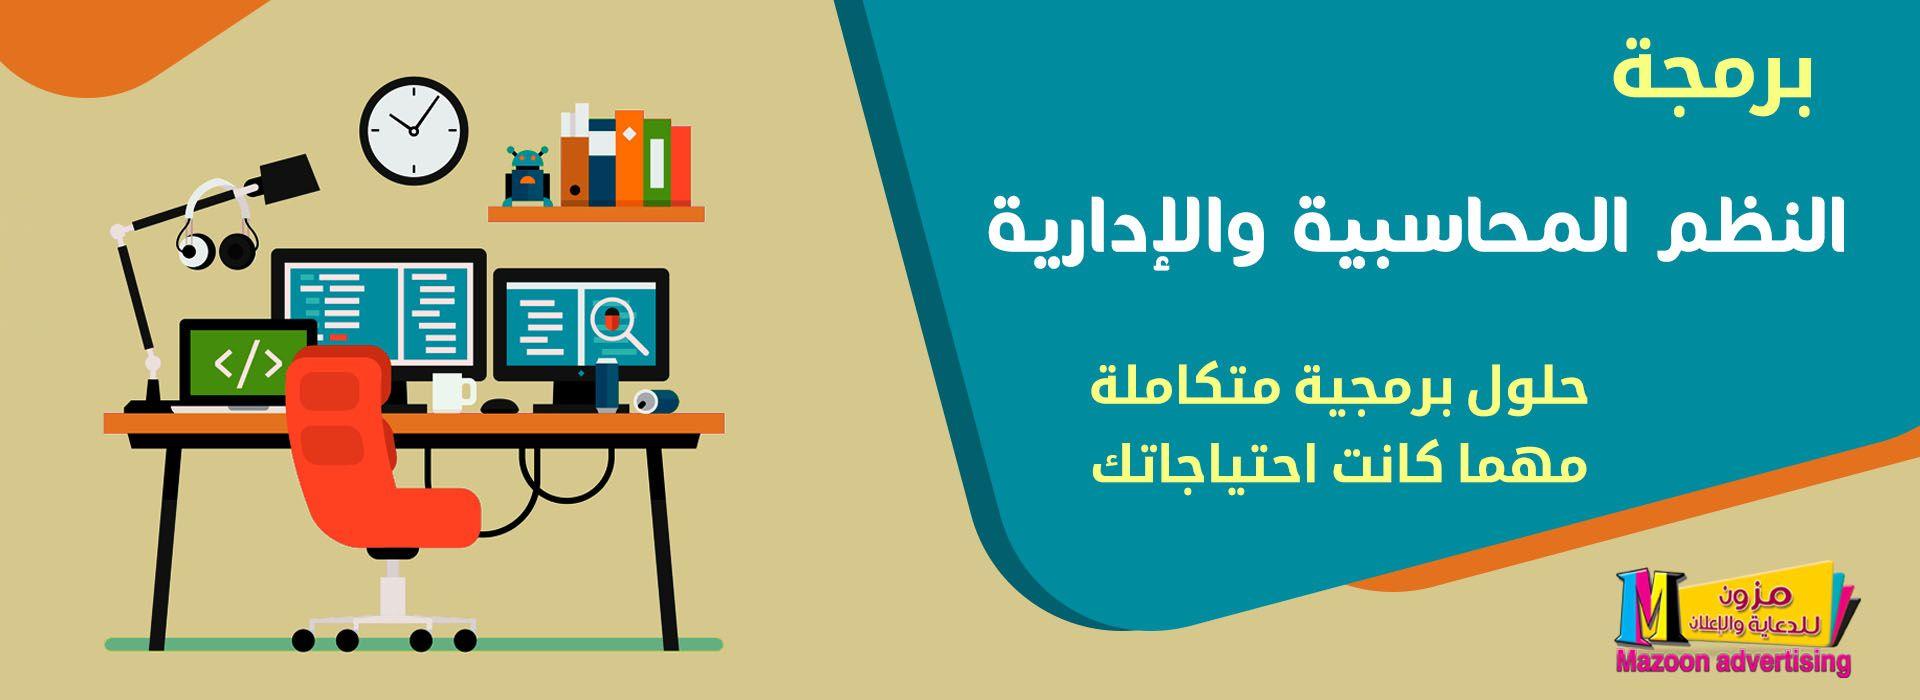 برنامج حجز أونلاين Advertising Software Online